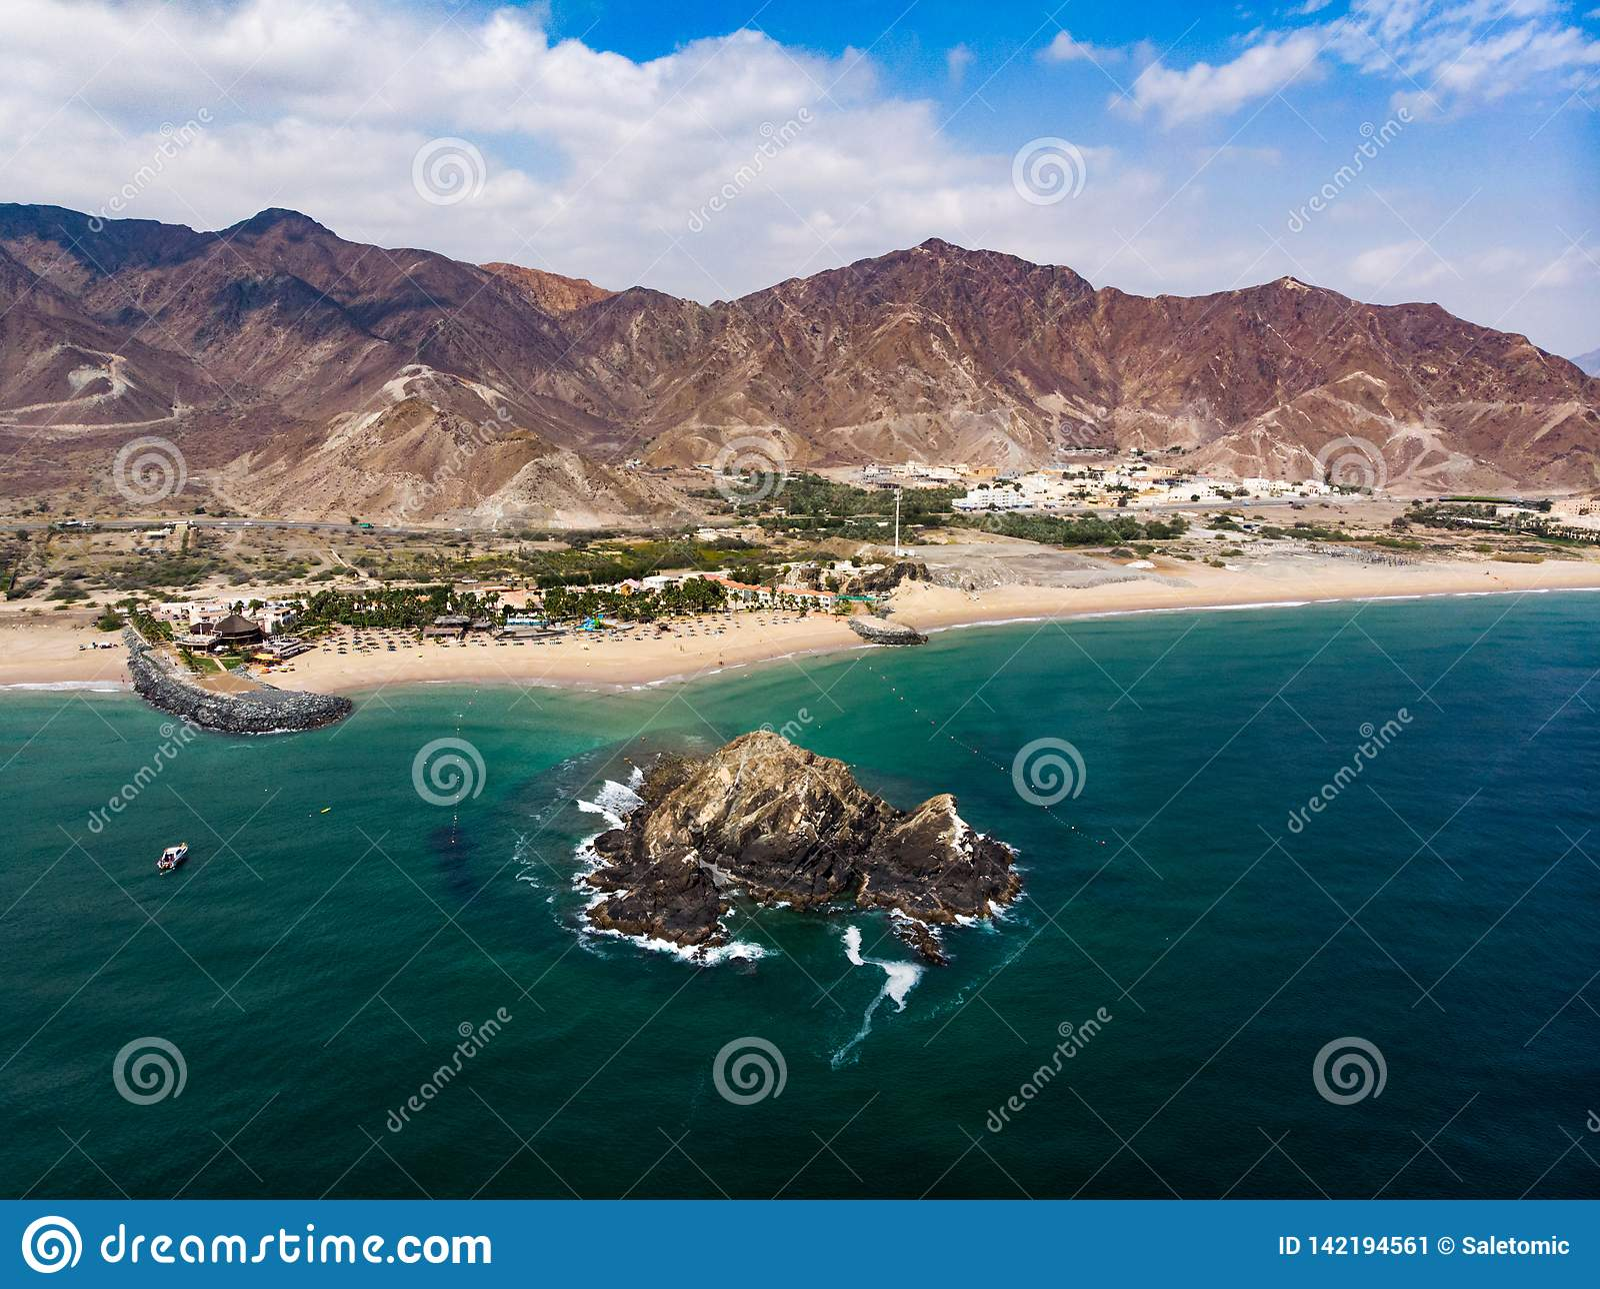 Het zandige strand van Fujairah in de Verenigde Arabische Emiraten